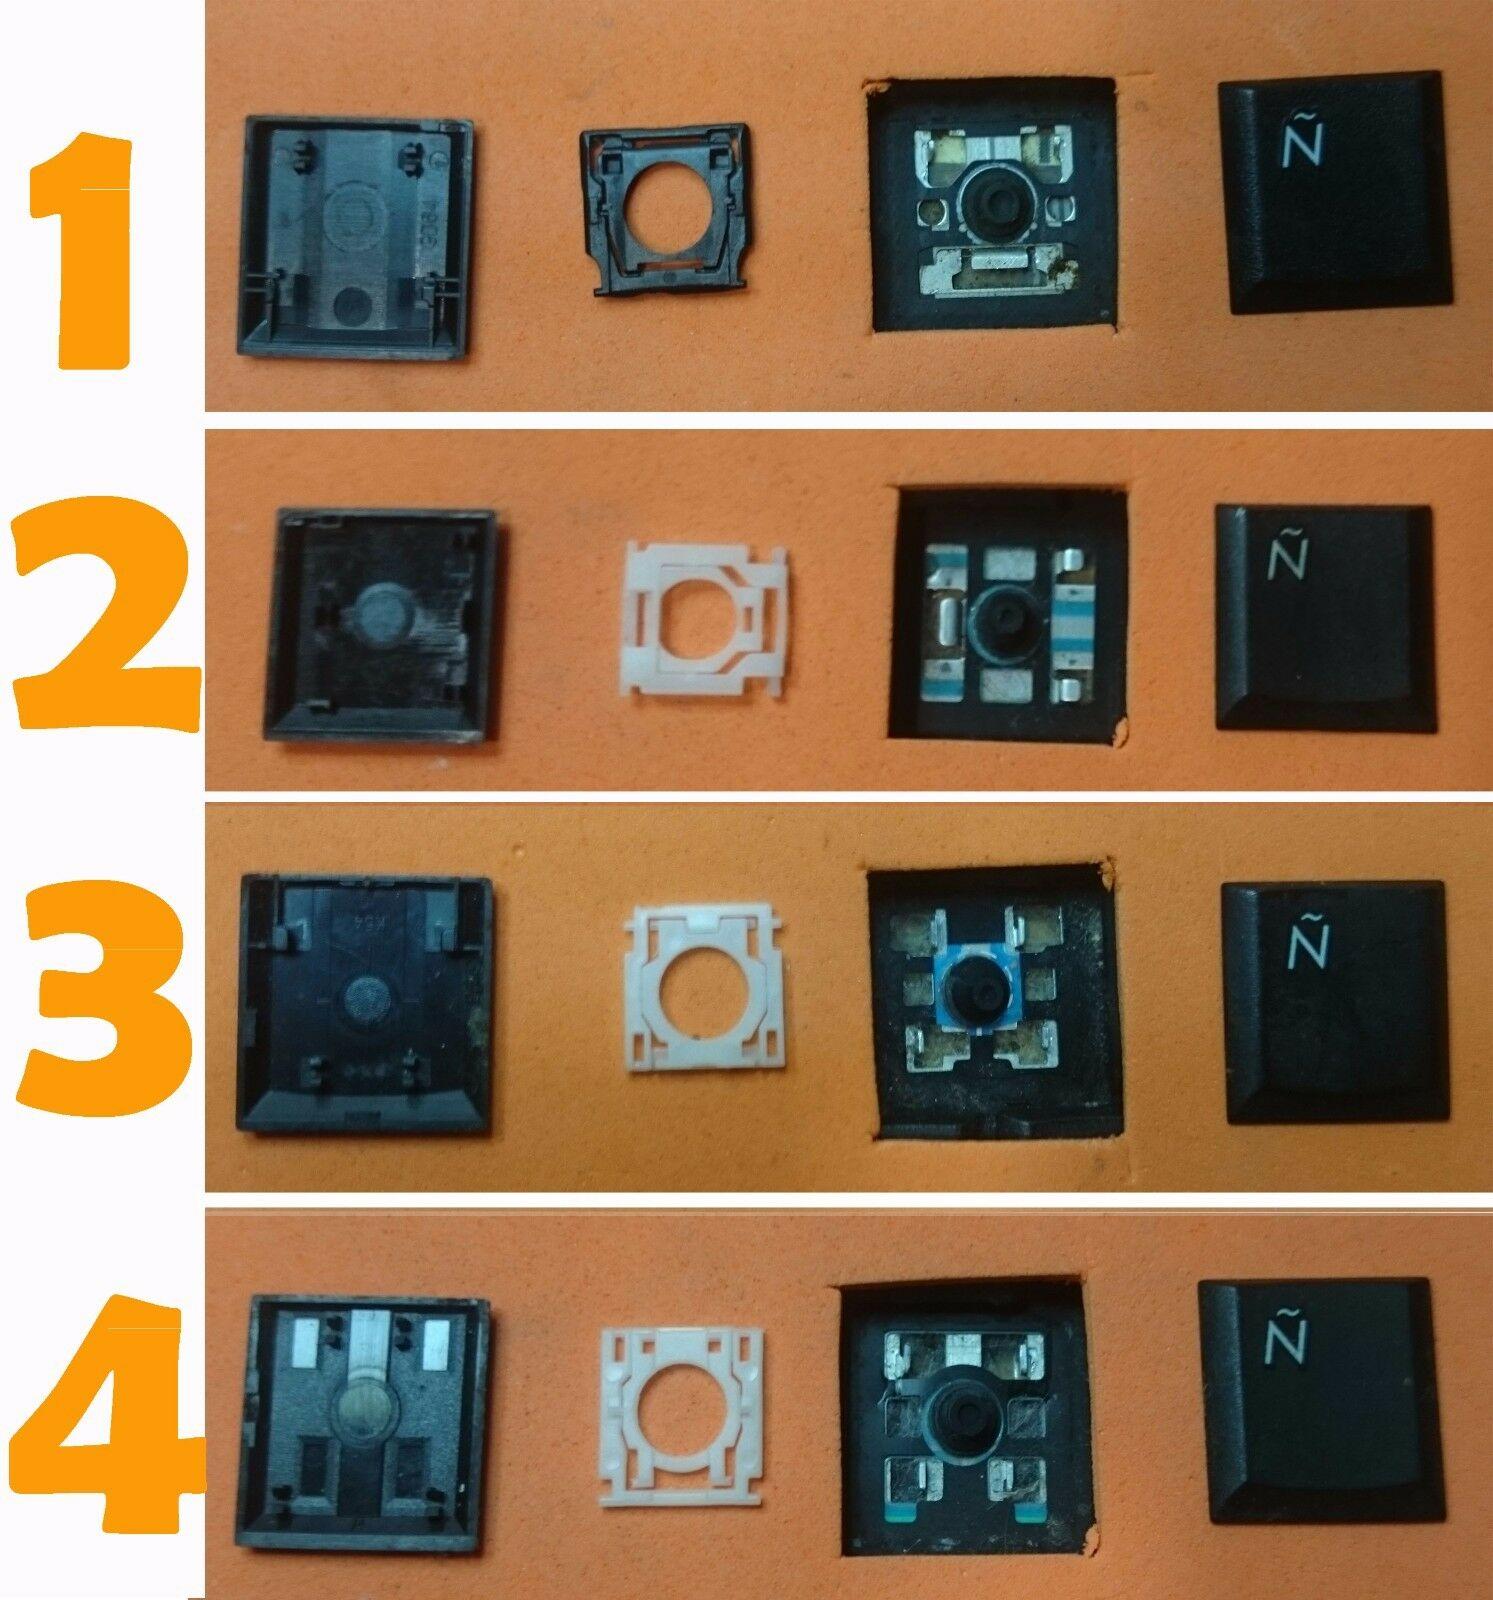 TECLA TECLAS DE TECLADO HP PAVILION DV6 DV6-1000 DV6-2000